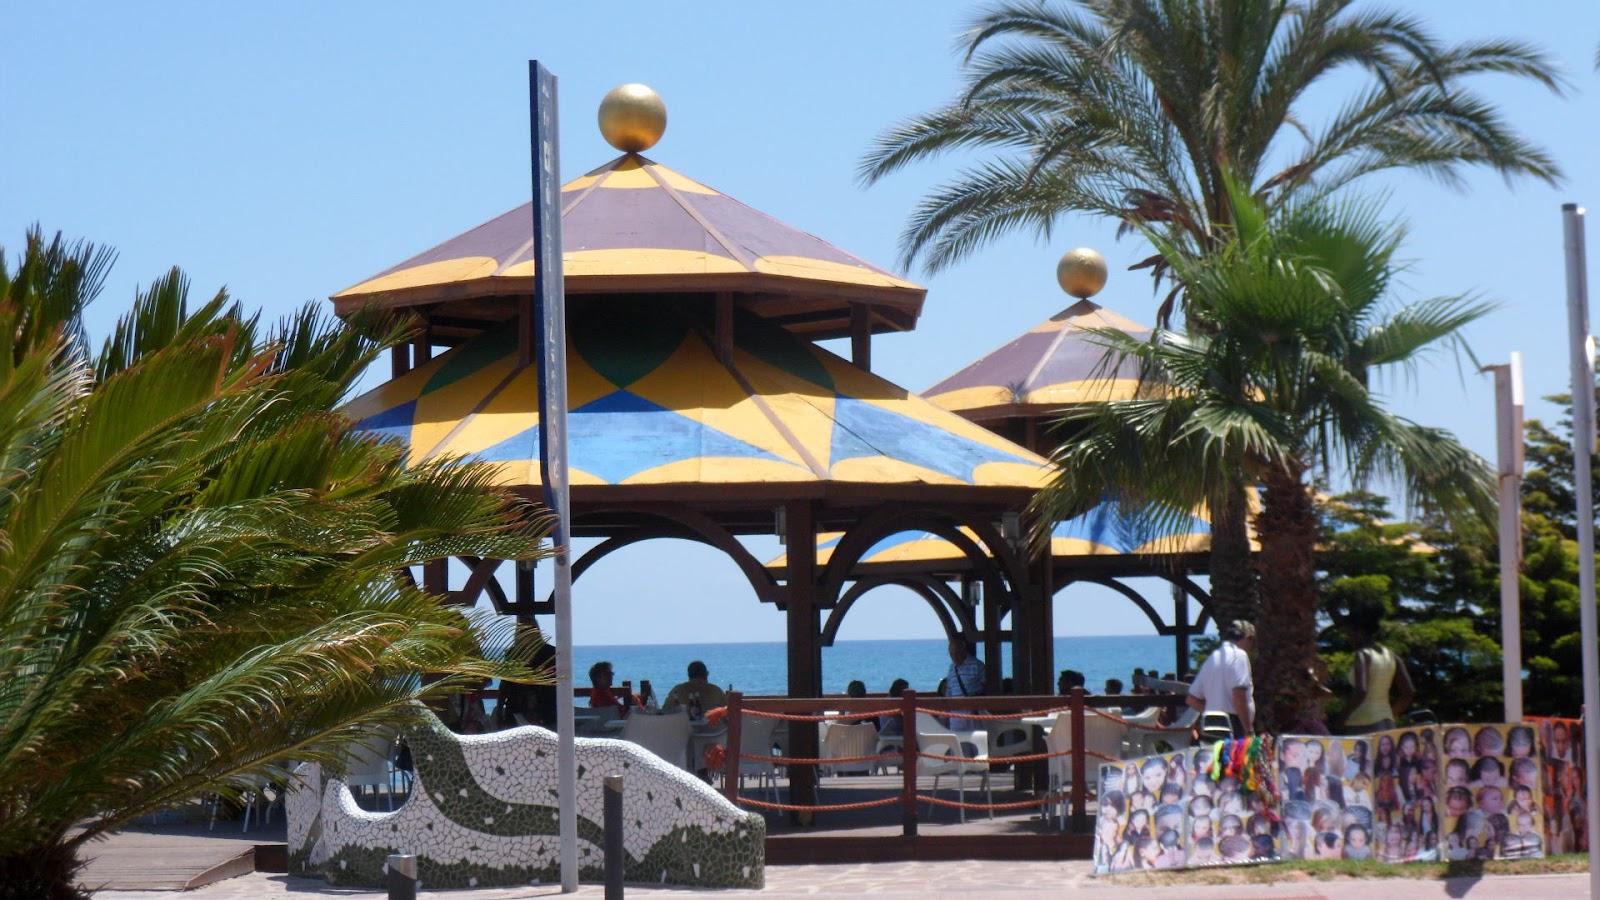 Alquilar apartamento en la playa promociones - Apartamentos verano playa ...